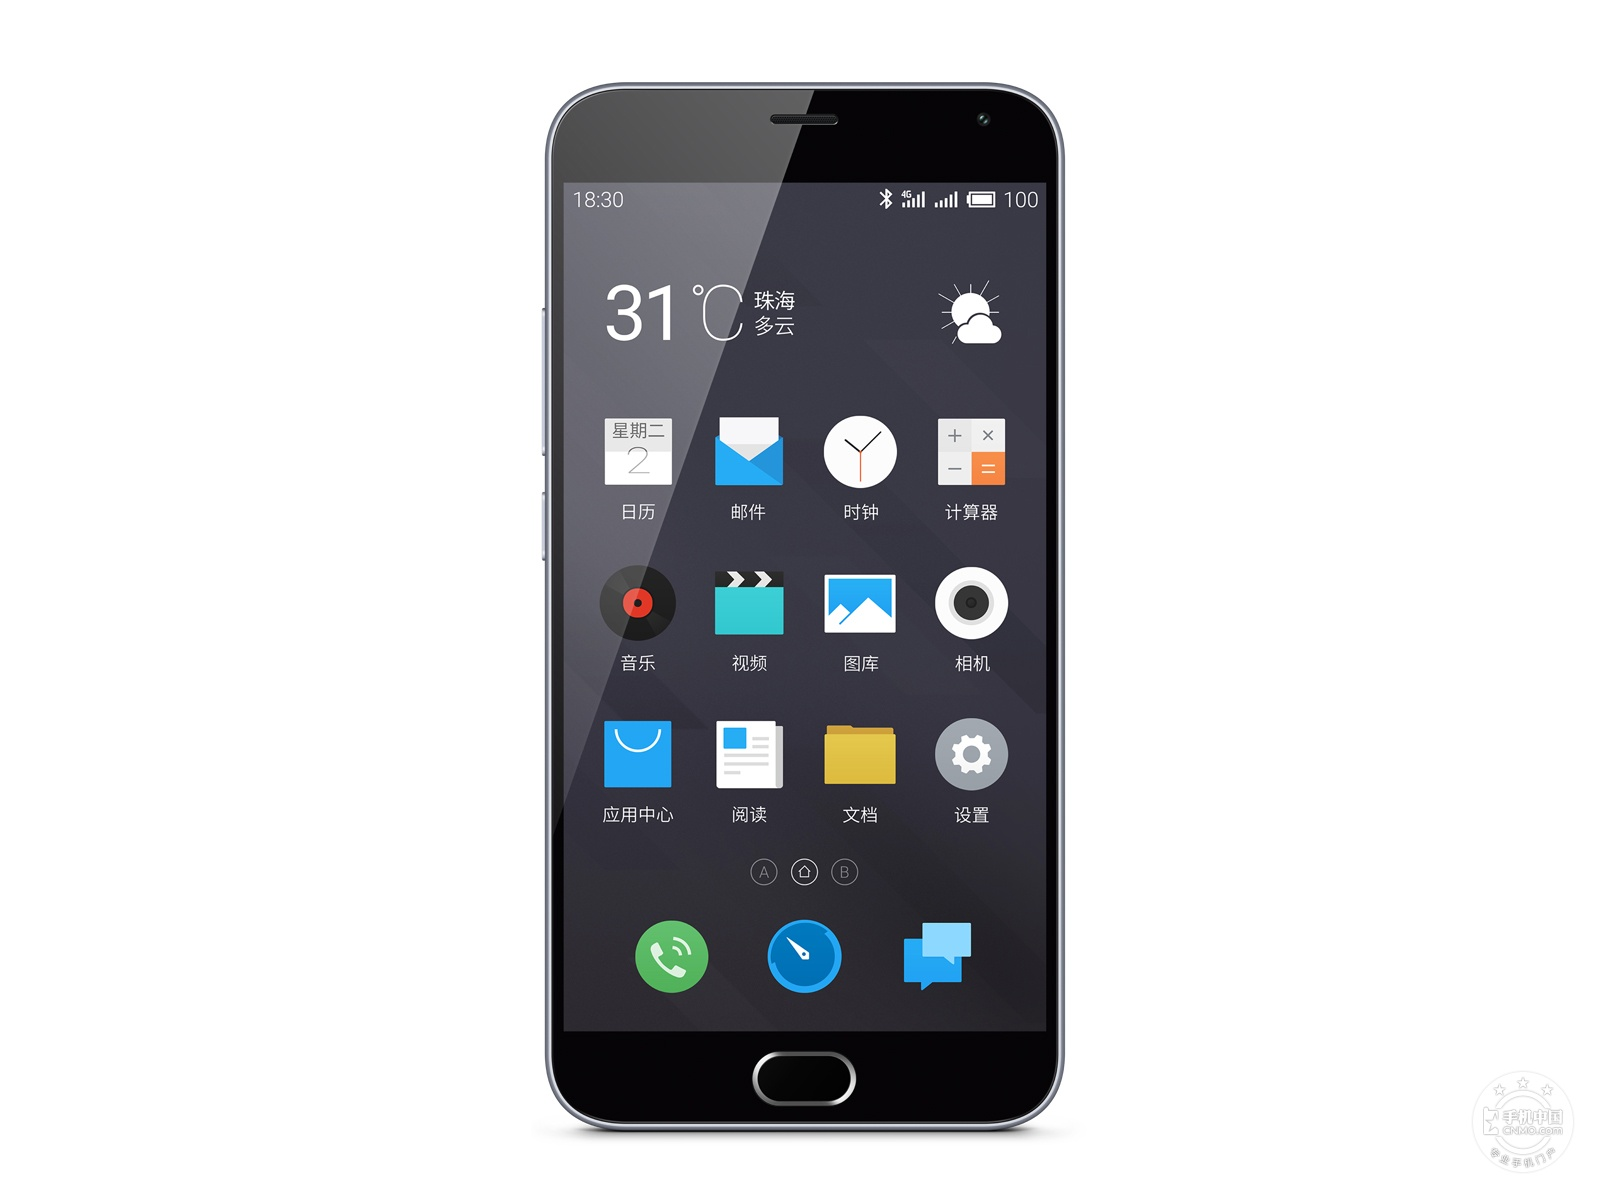 魅蓝note2(双4G/16GB)产品本身外观第8张